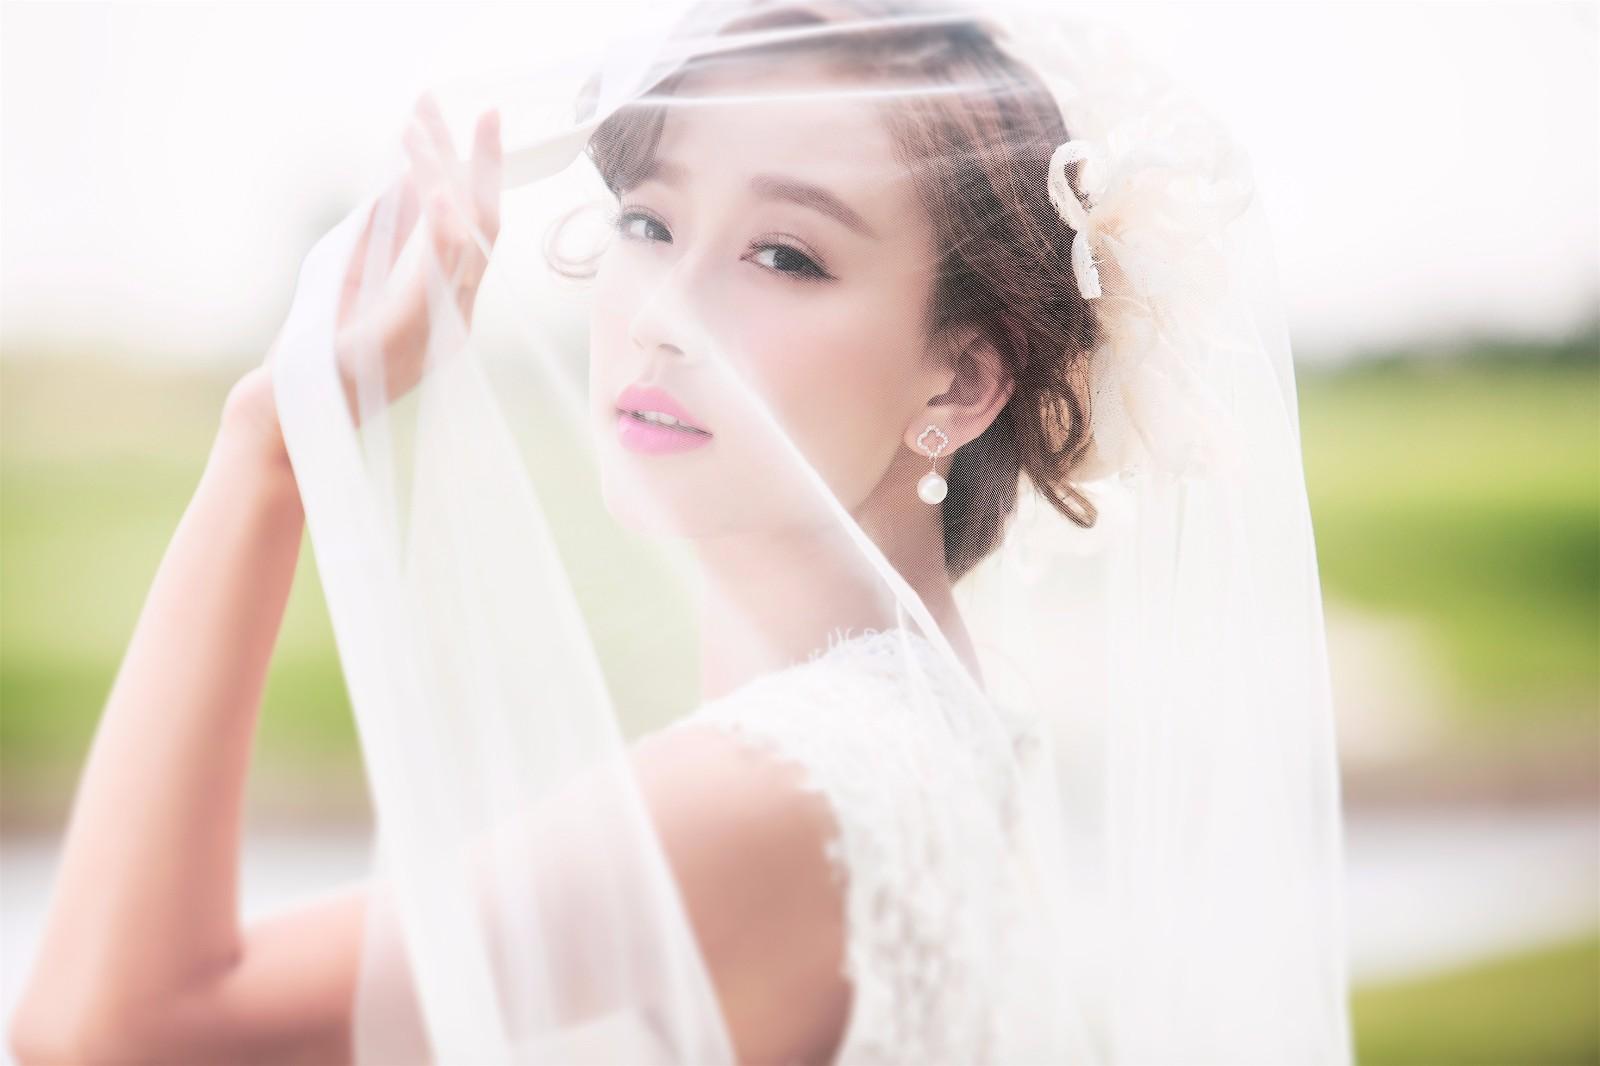 结婚一周年祝福语有哪些?大家一起来看看吧!